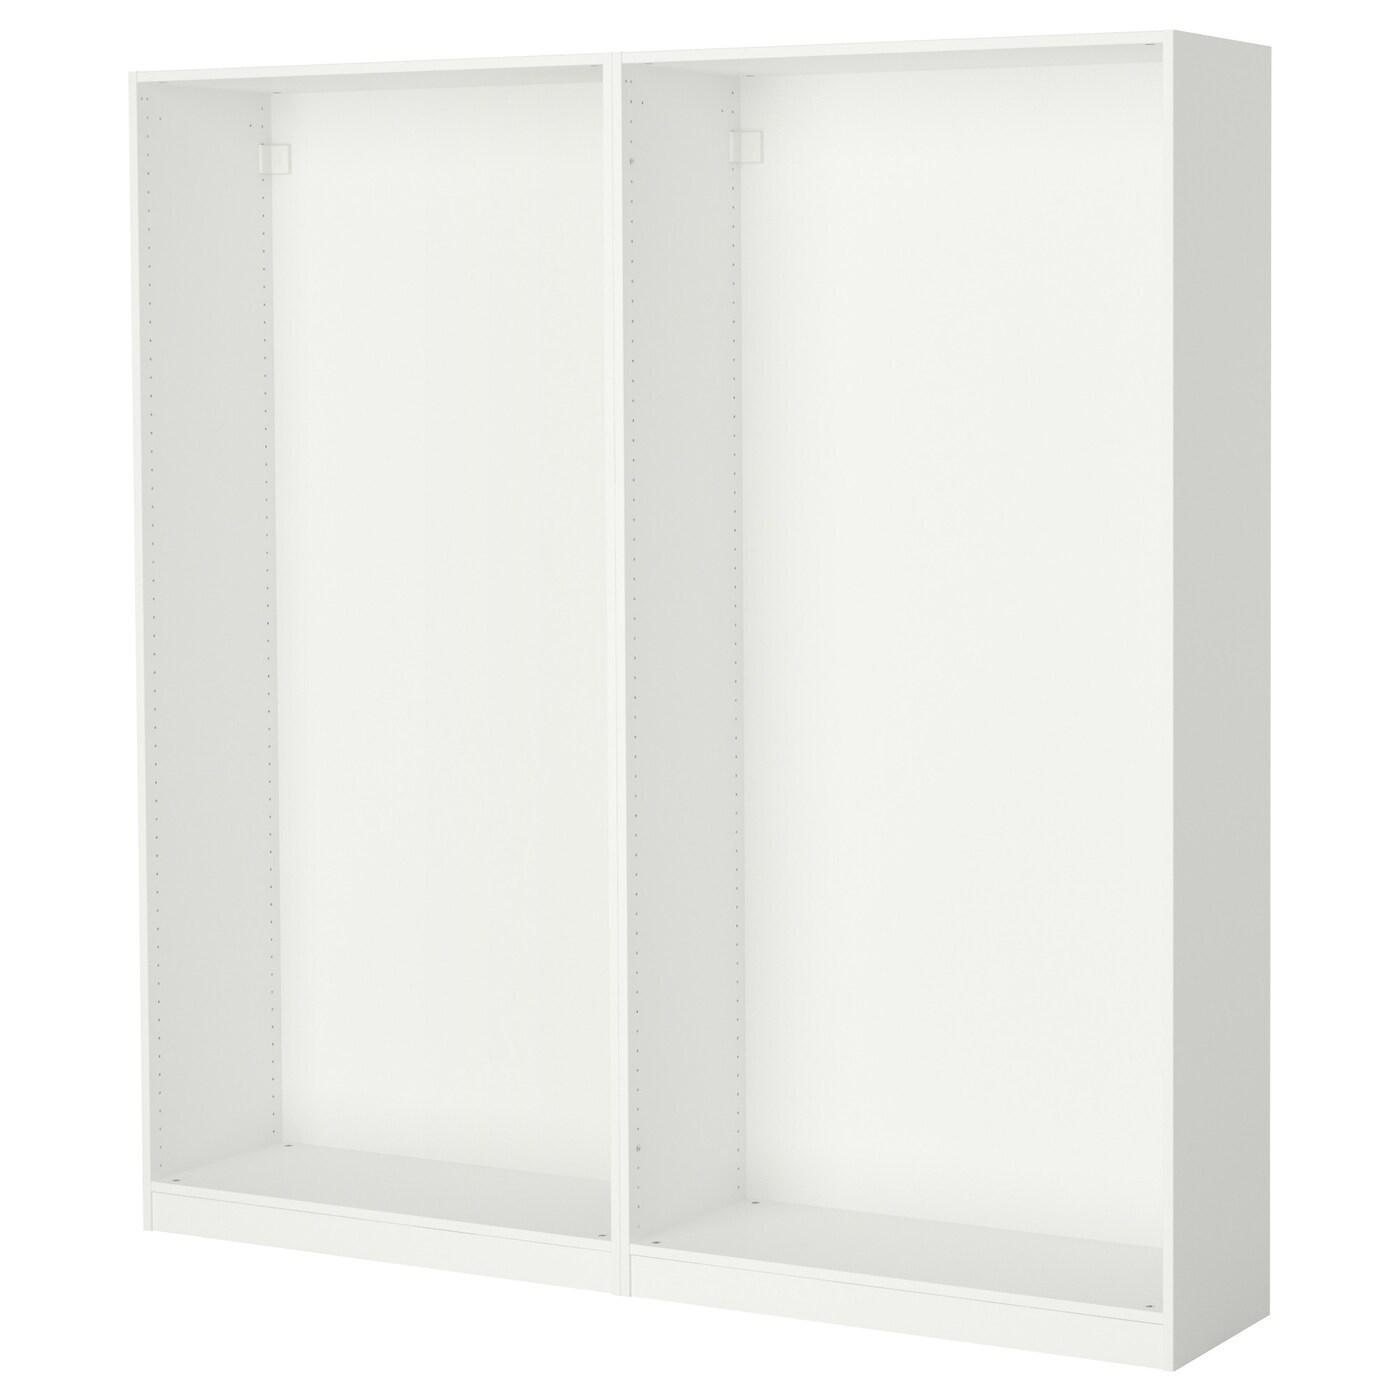 Estructuras pax para puertas correderas compra online ikea - Ikea armarios modulares ...